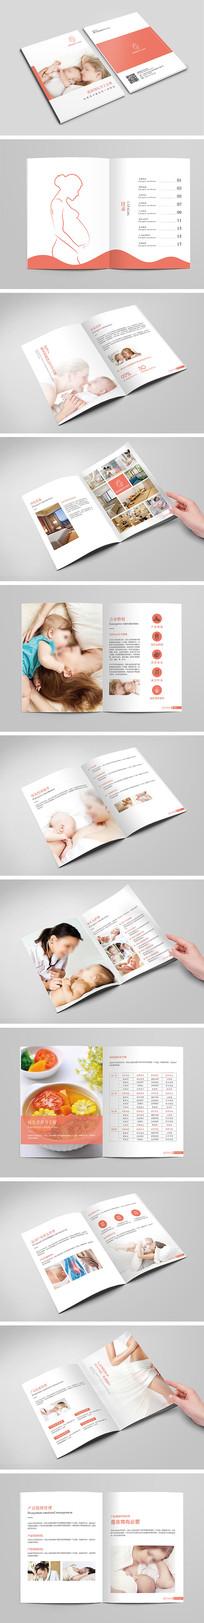 月子会所产后修复母婴宣传画册